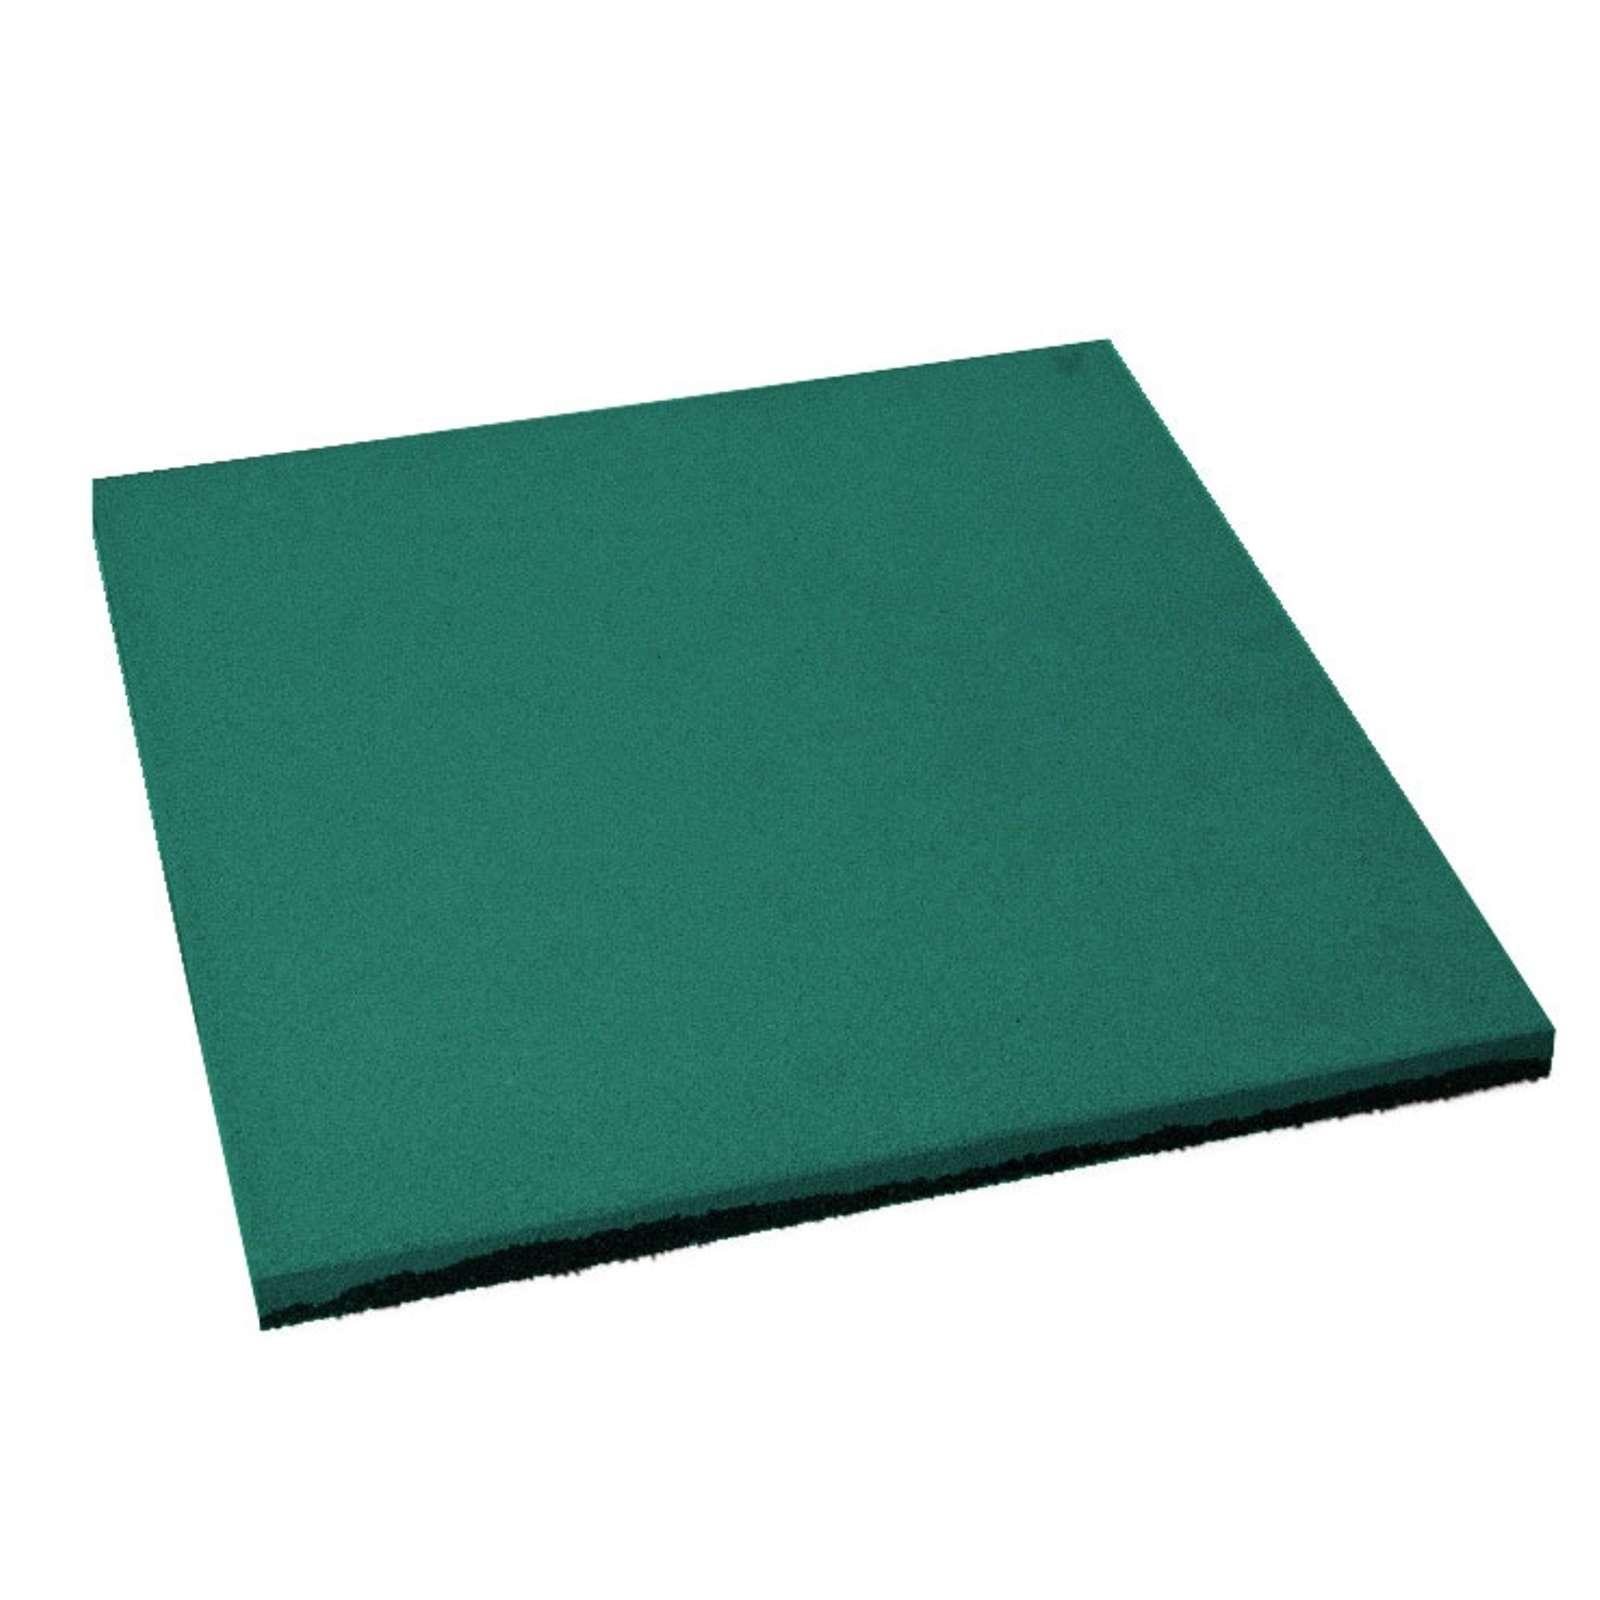 Плитка резиновая 500*500мм, 30 мм (с ровным дном) зеленая